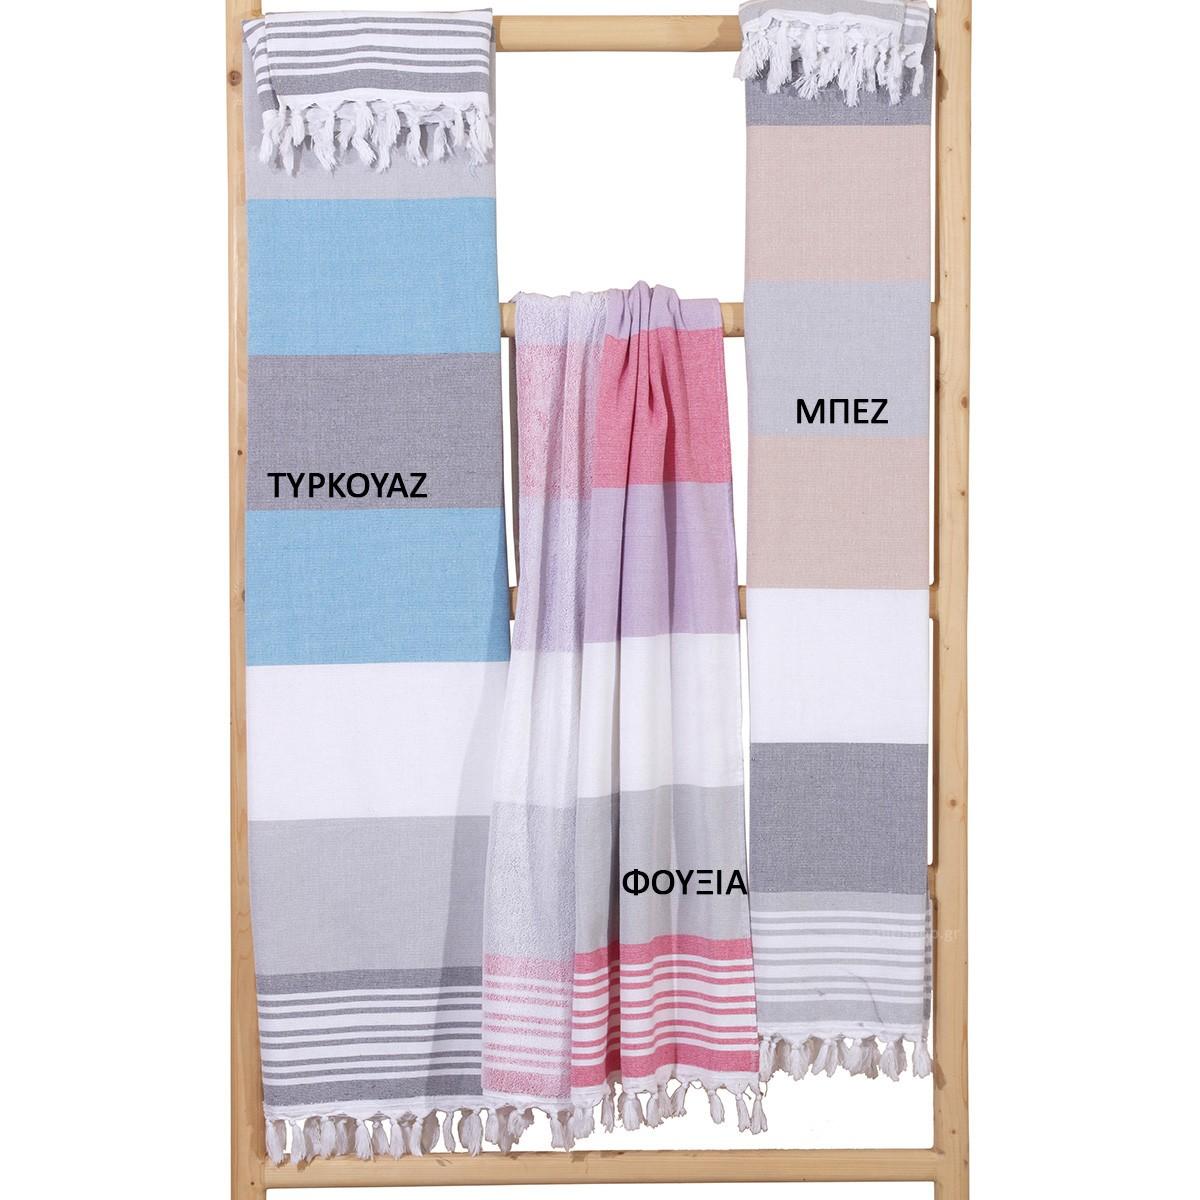 Πετσέτα Θαλάσσης - Παρεό Viopros Summer Σάντυ home   θαλάσσης   πετσέτες θαλάσσης ενηλίκων